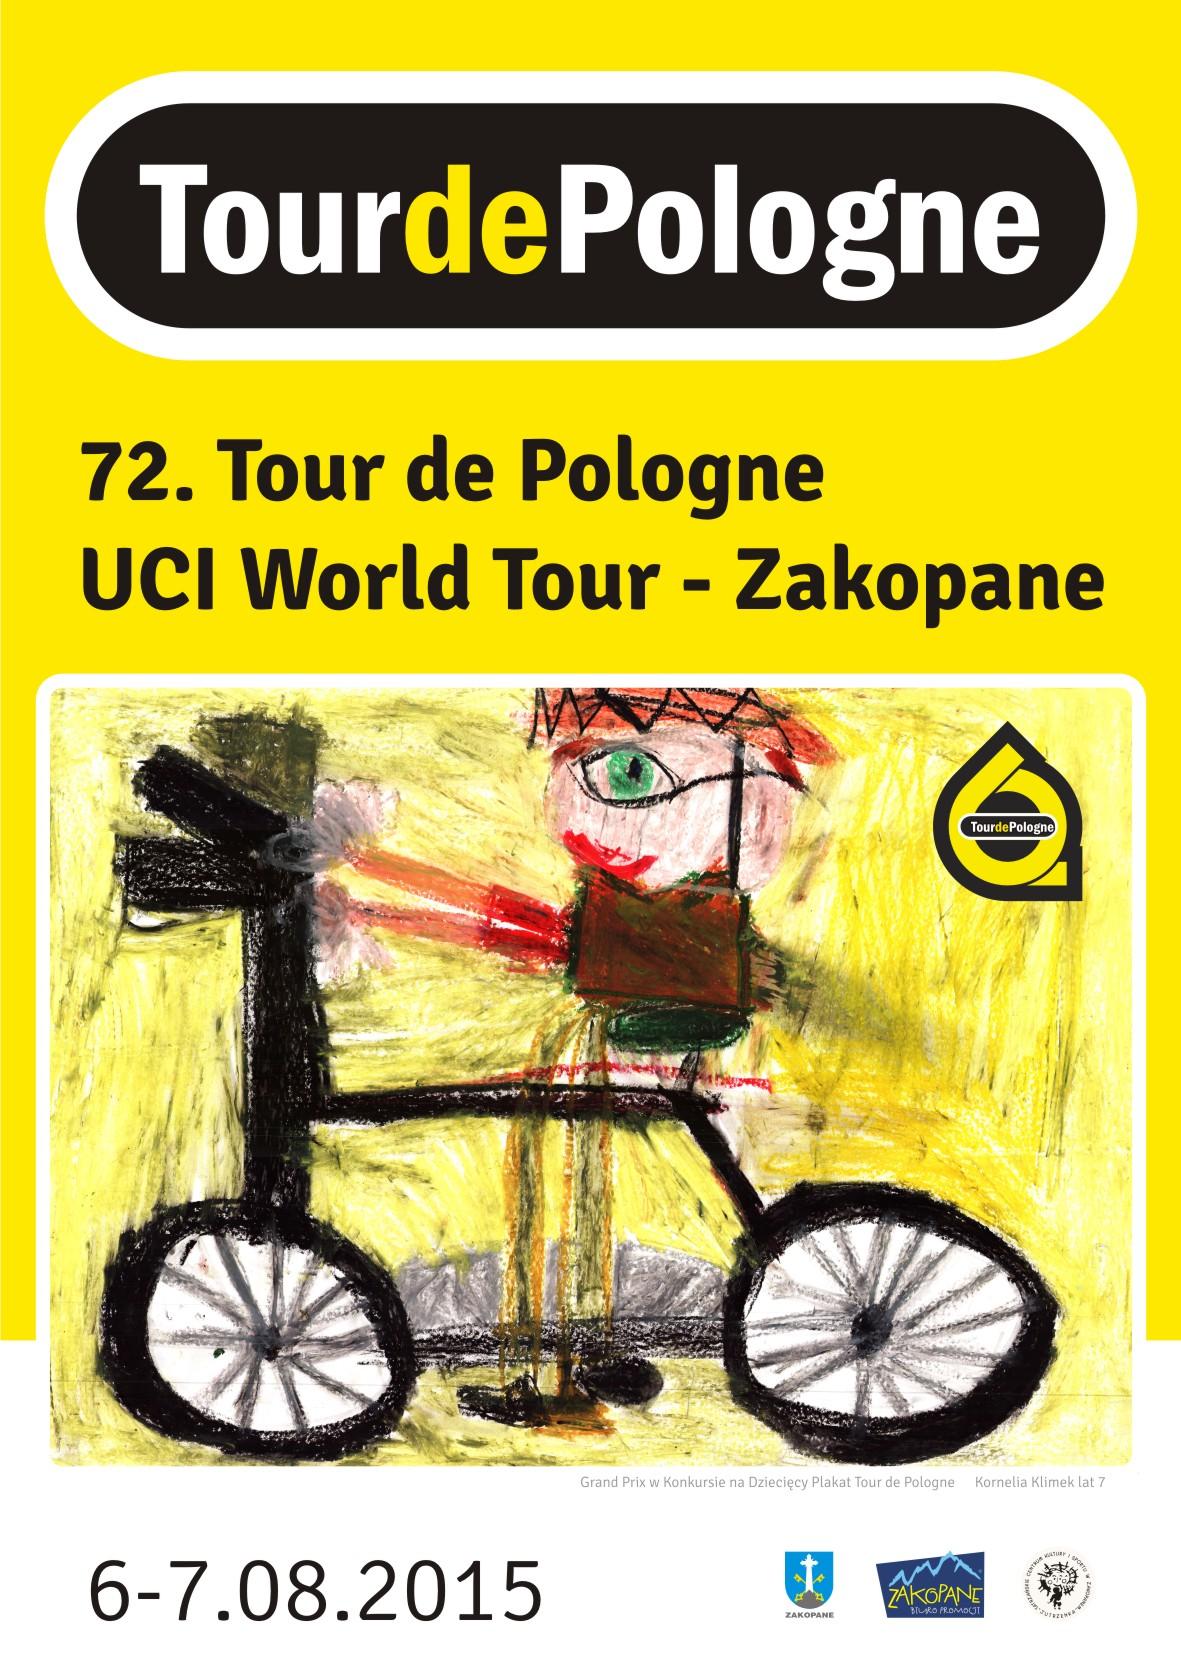 Konkurs na plakat dziecięcy Tour de Pologne rozstrzygnięty! Plakat